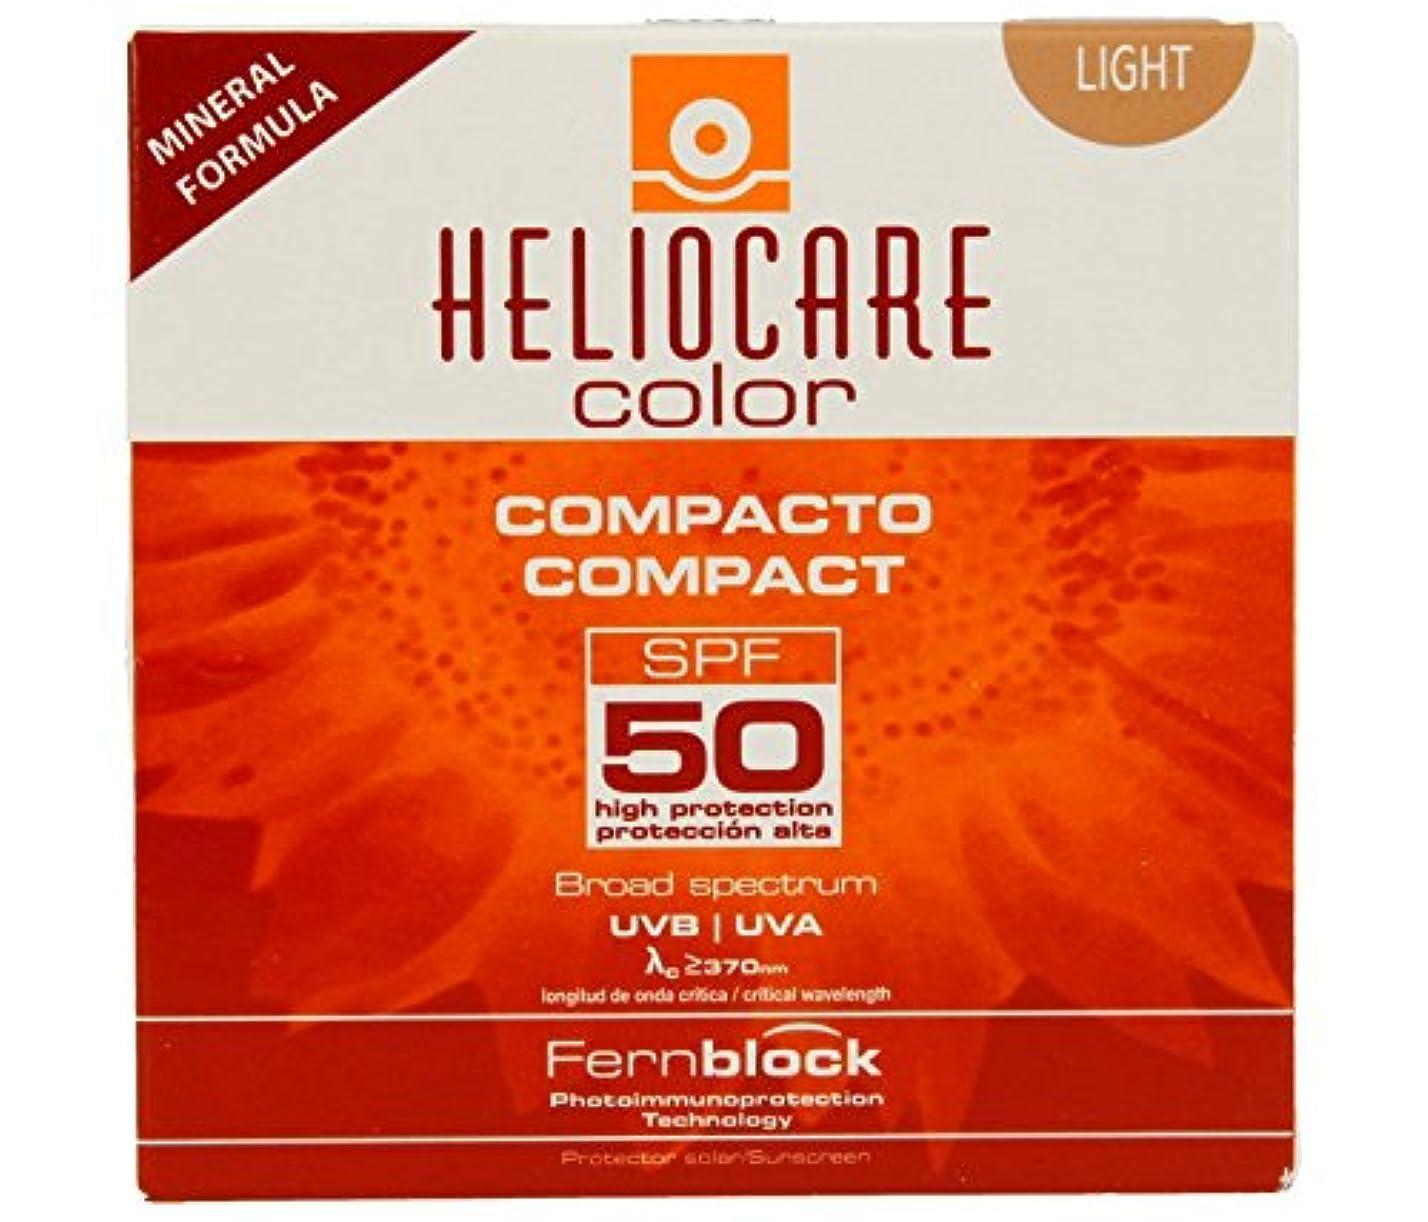 子孫ペチュランス多様体Heliocare 50コンパクトパウダーカラーライト10グラム